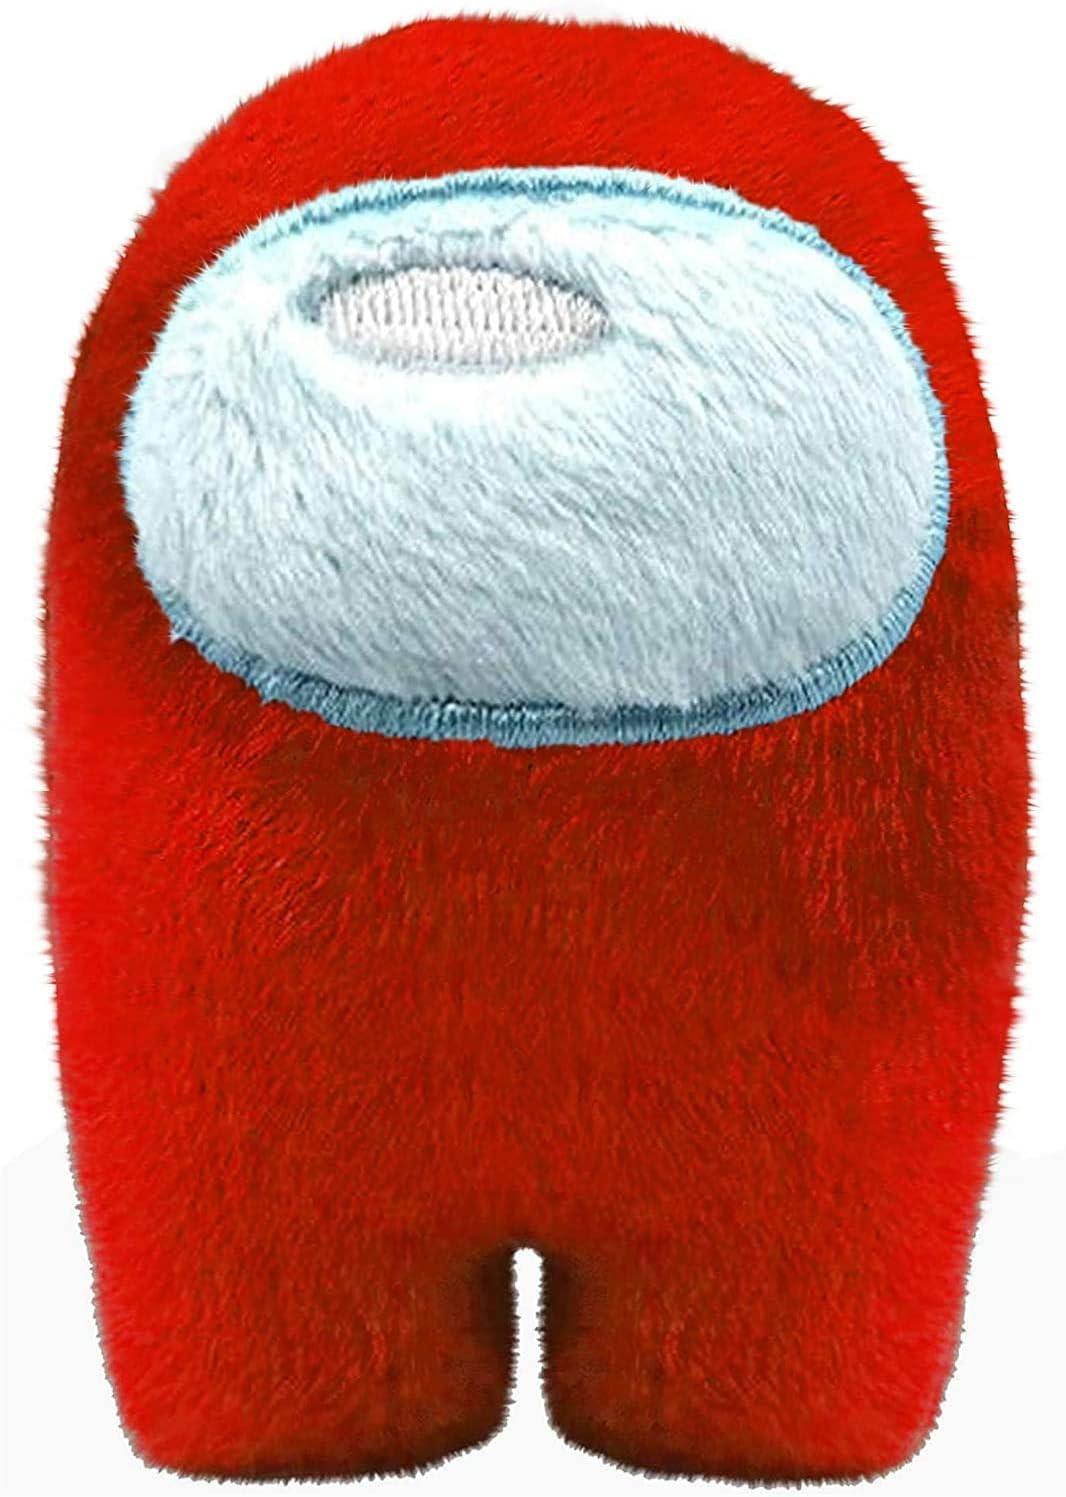 Pink/&Orange 2PCS Soft Plush Among Us Plush Among Us Game Plush Toy with Sound Kawaii Cute Stuffed Doll Astronaut Small Among Us Plushie